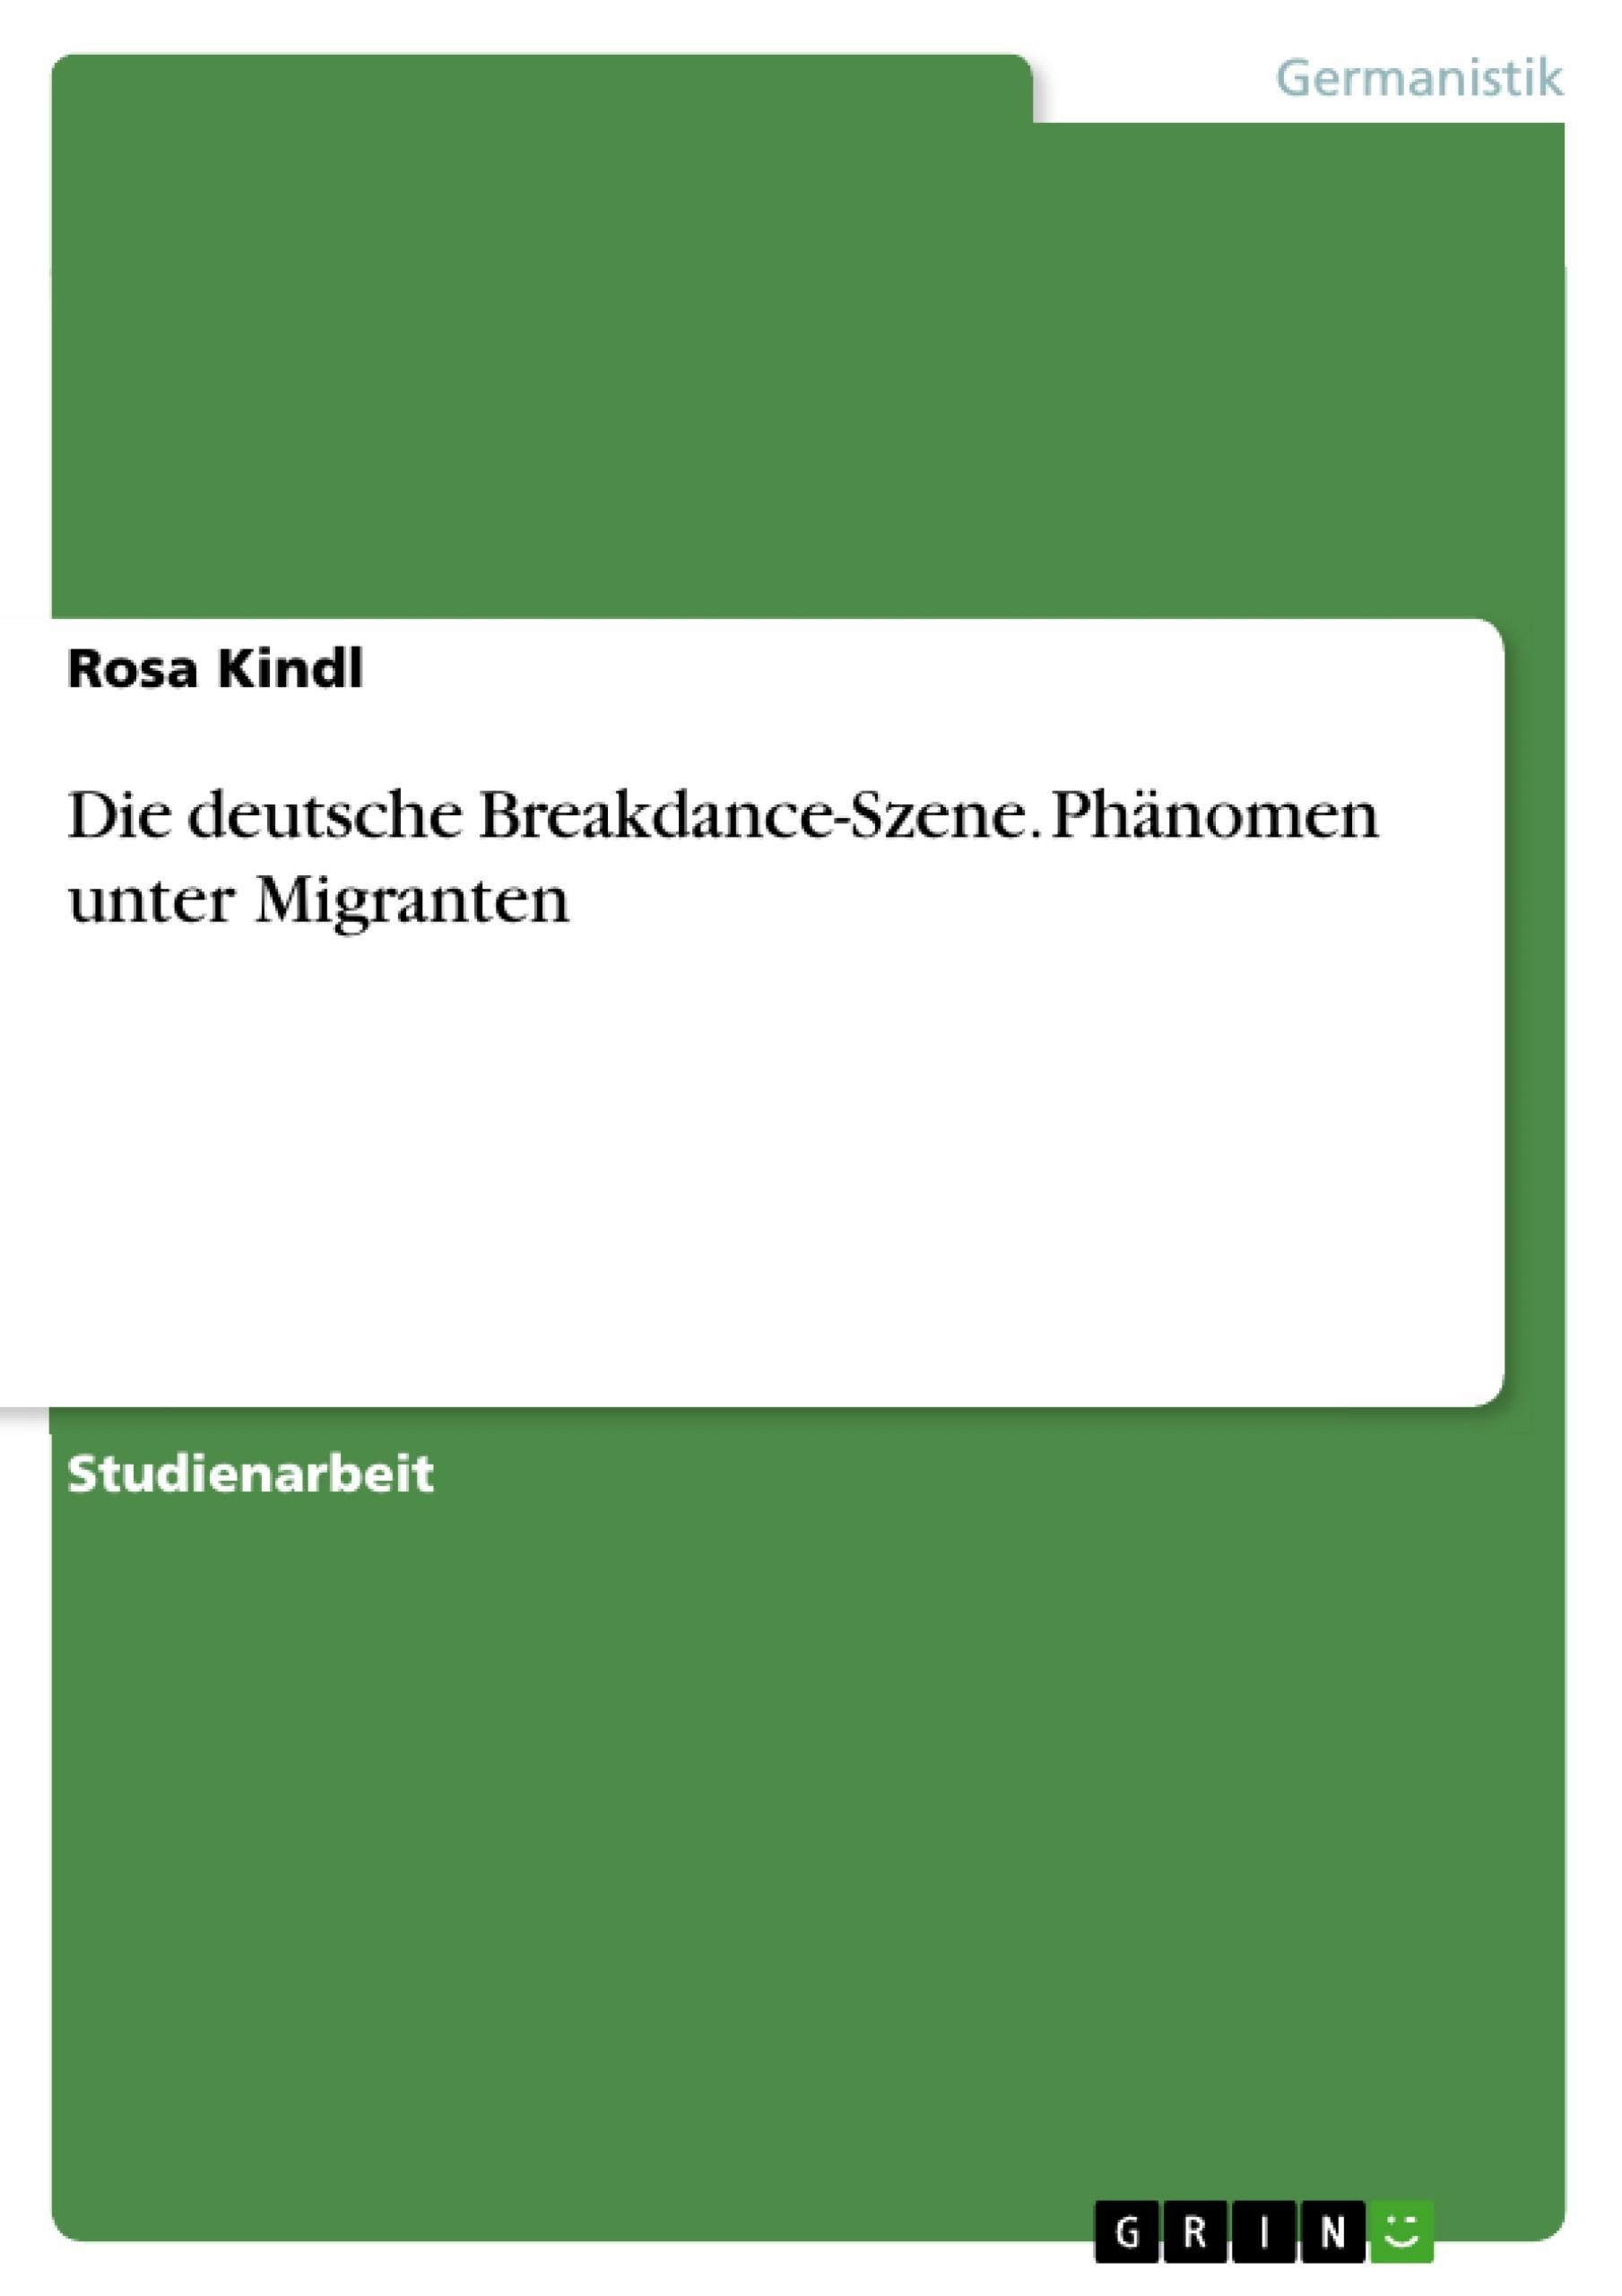 Titel: Die deutsche Breakdance-Szene. Phänomen unter Migranten